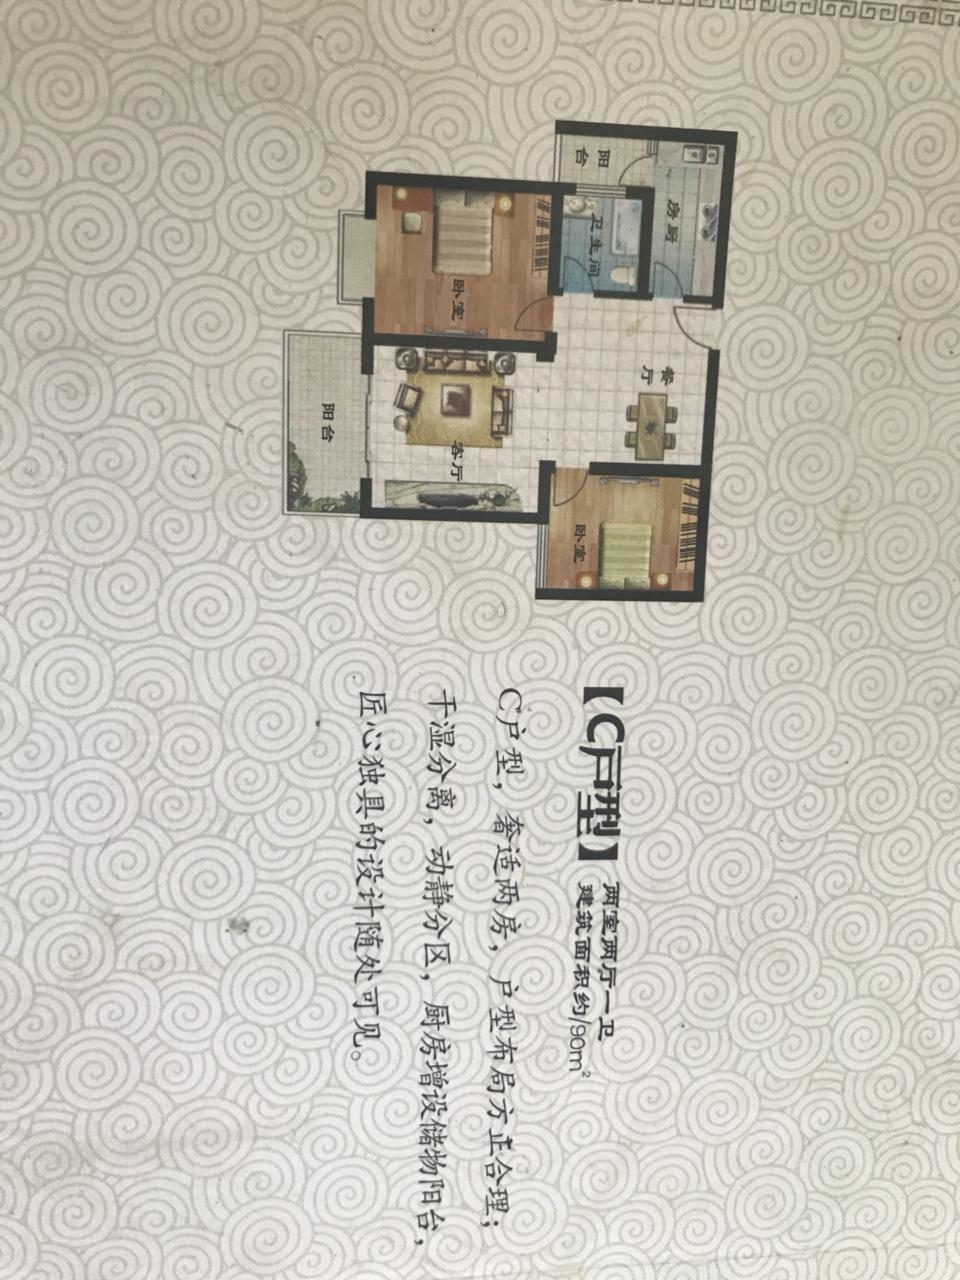 中华坊2室 2厅 1卫首付16万住一楼带院现房